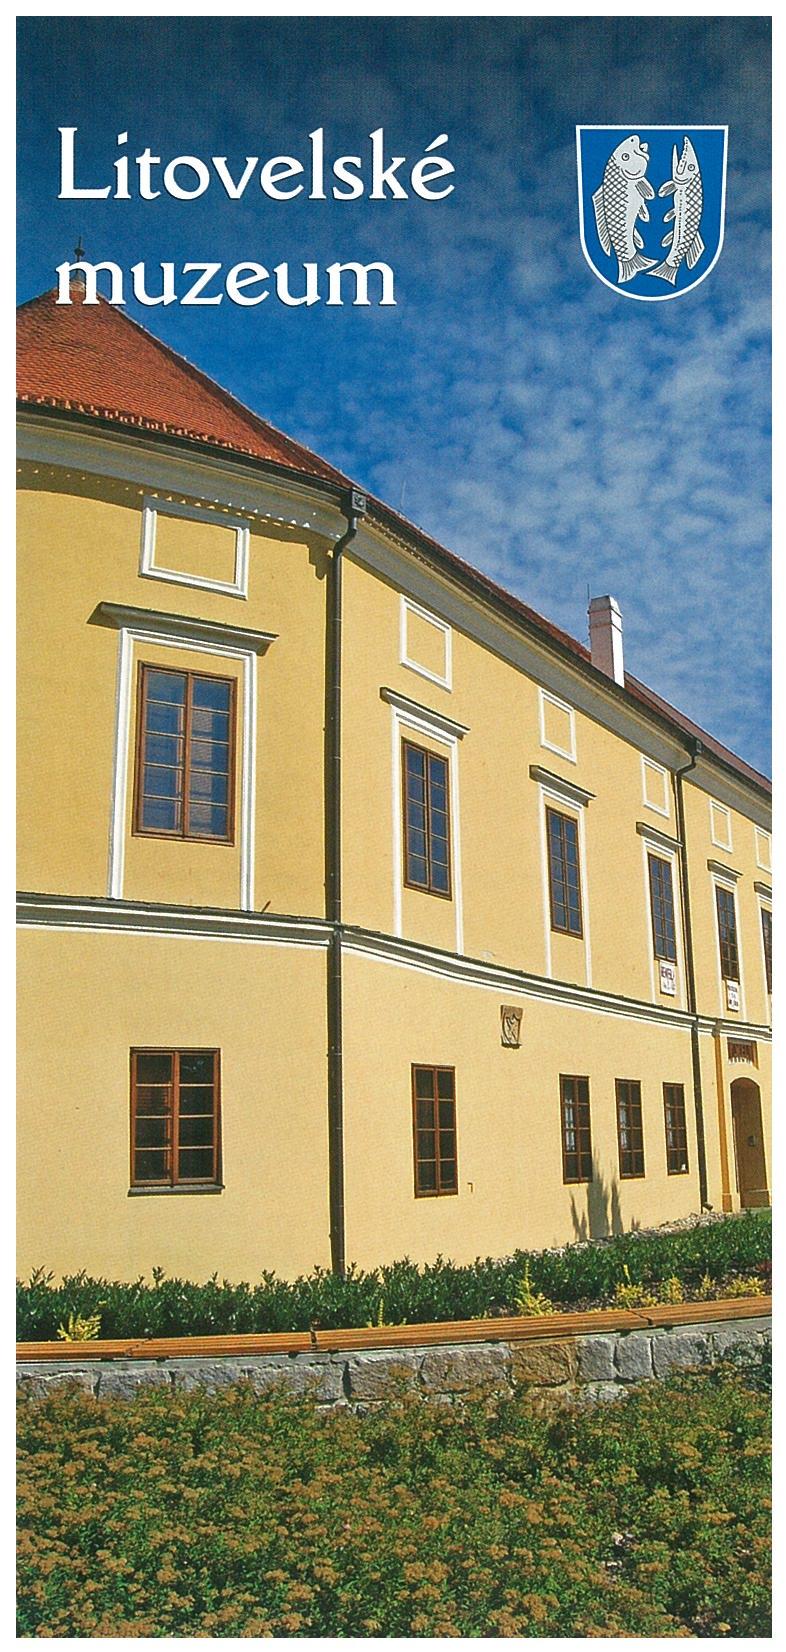 Litovelské muzeum, obrázek se otevře v novém okně